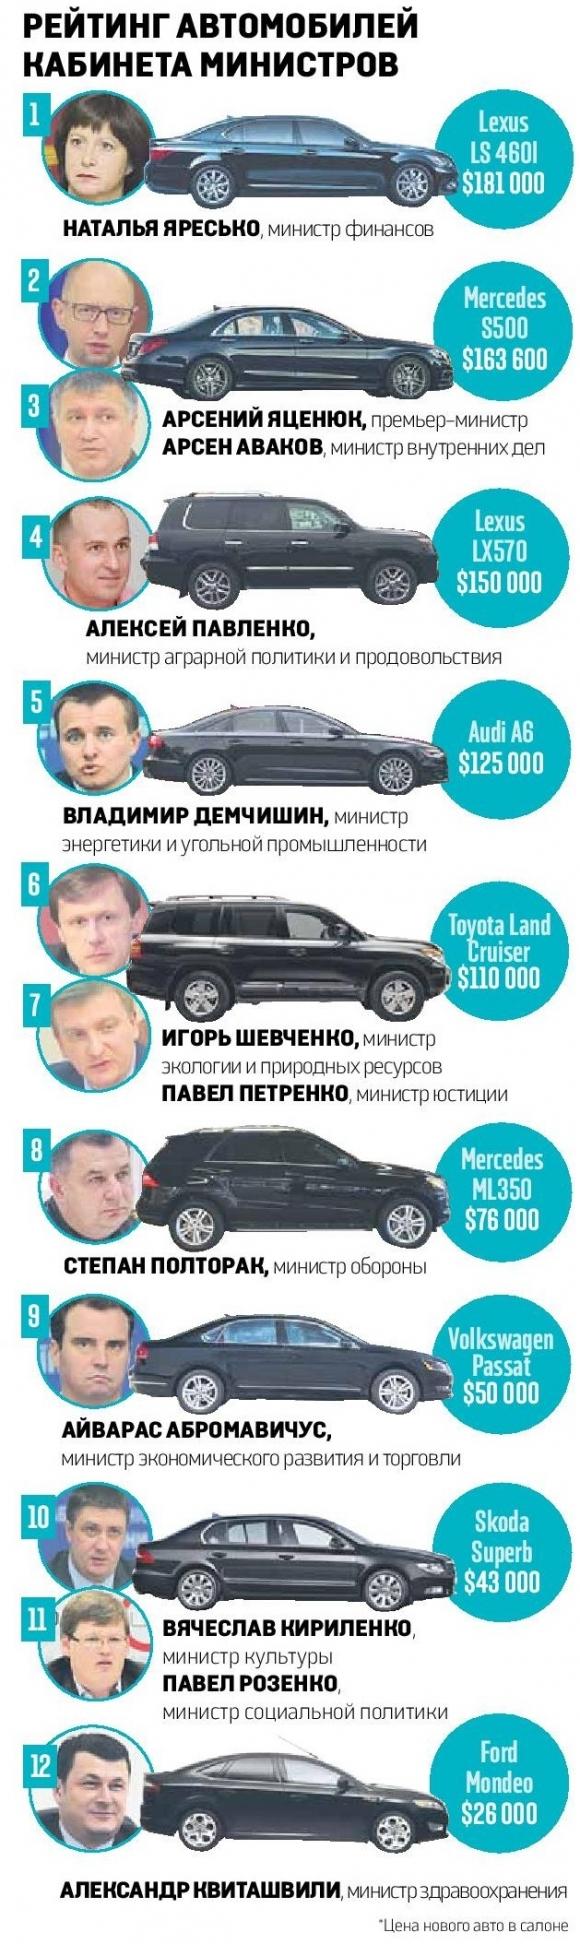 Рейтинг автомобилей министров